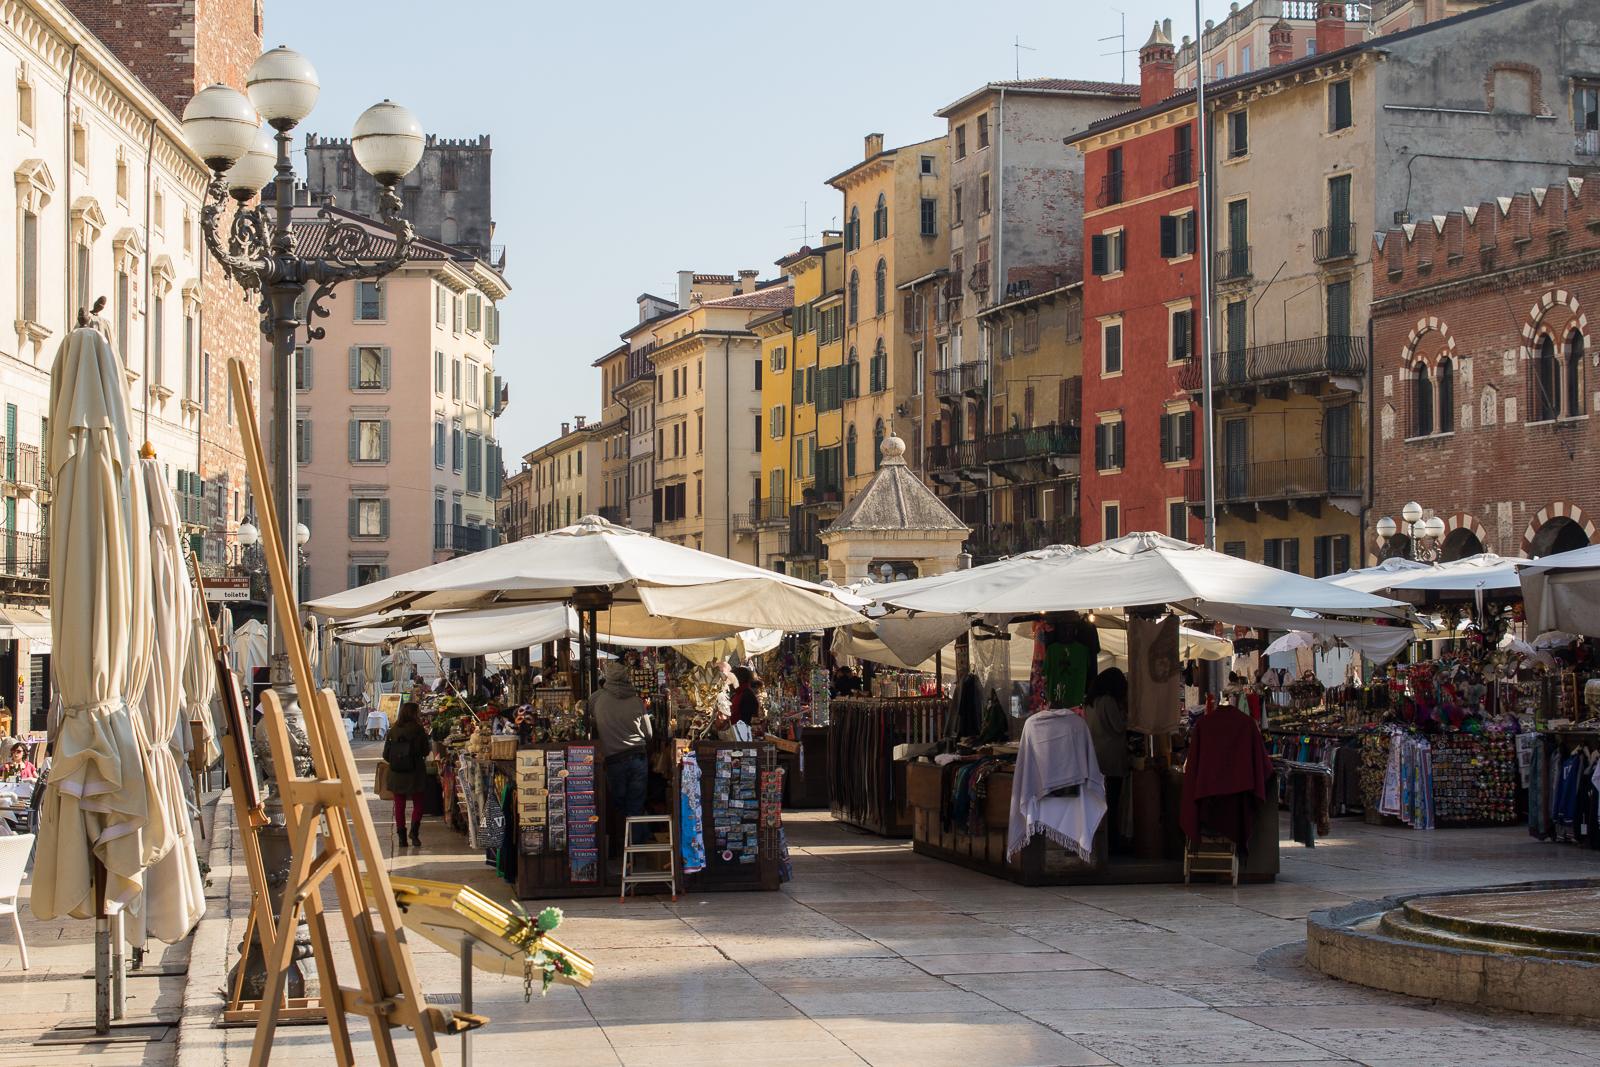 Market on Piazza delle Erbe